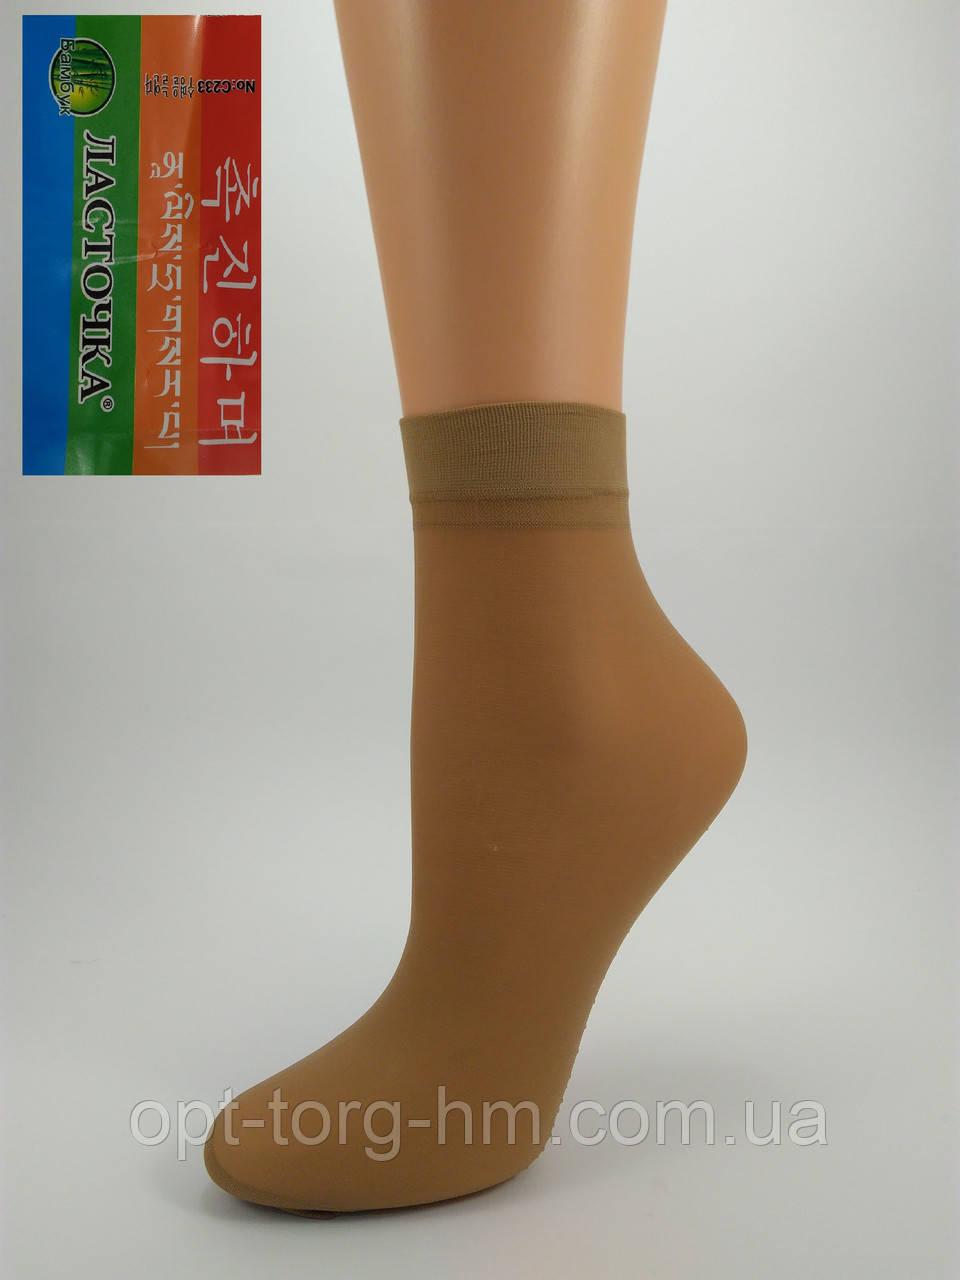 Носки женские капроновые  бежевые с тормозами